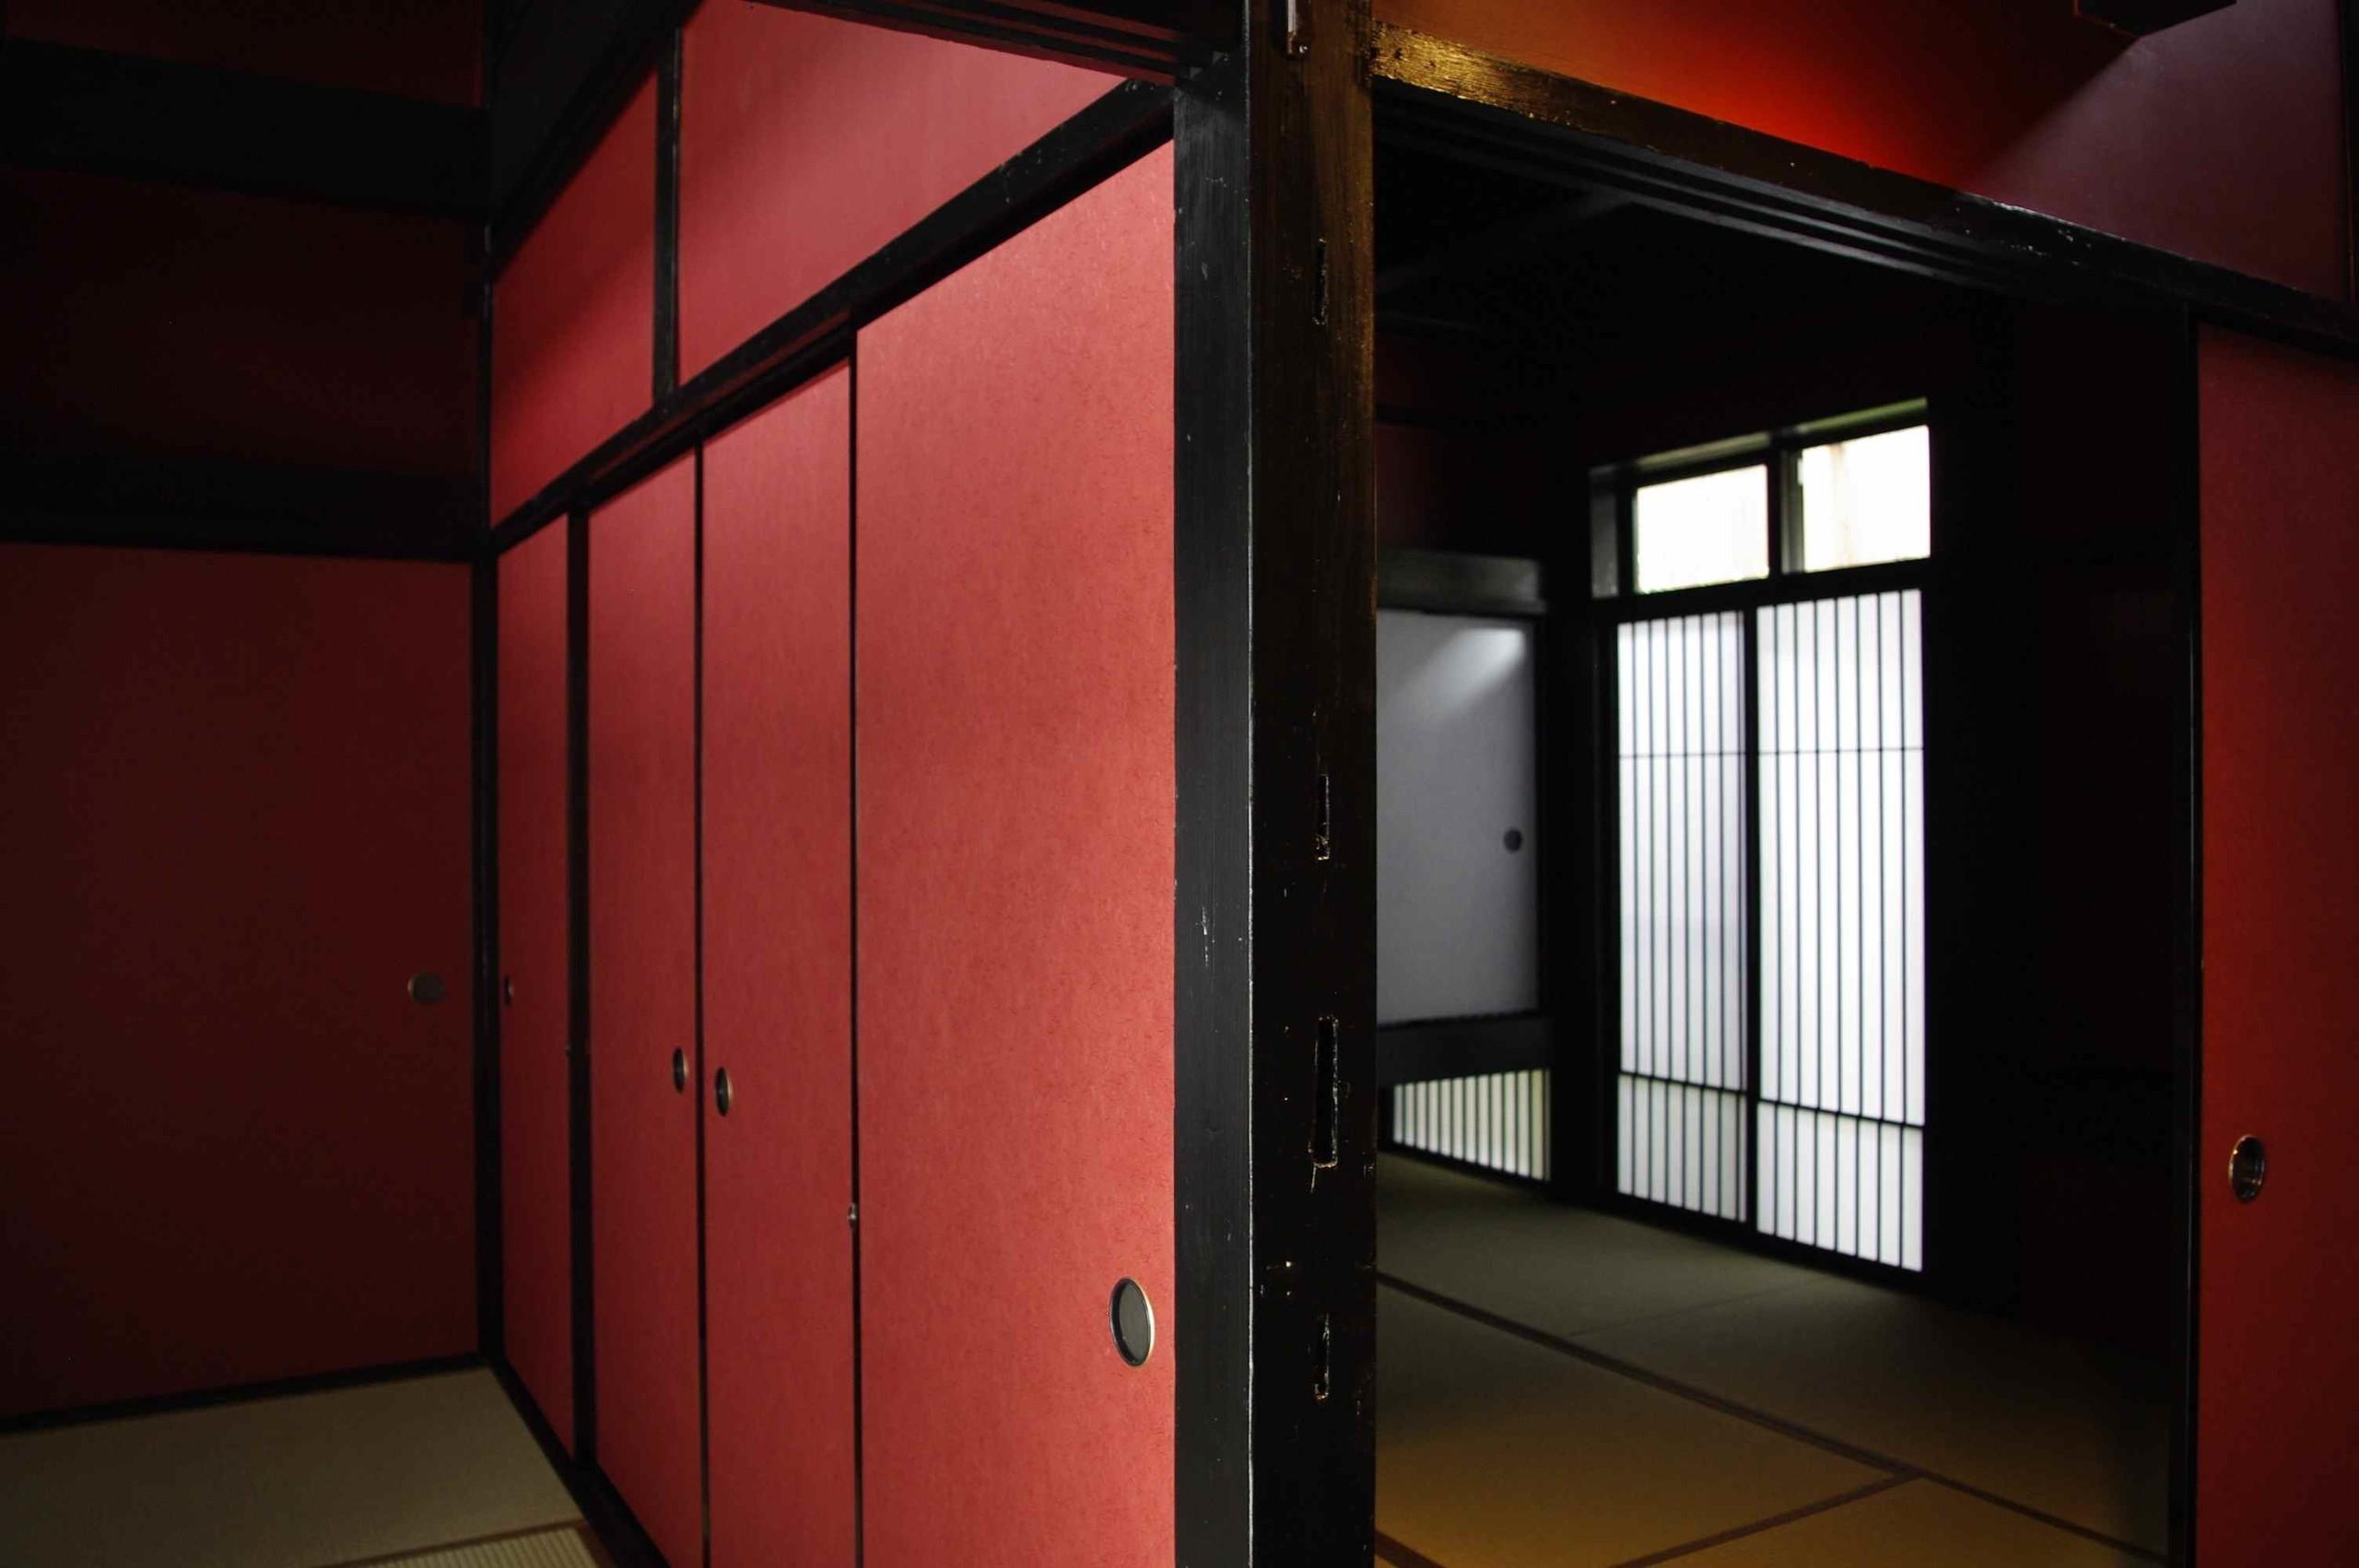 古民家リノベーション-B   -京町家の宿泊施設-の建築事例写真